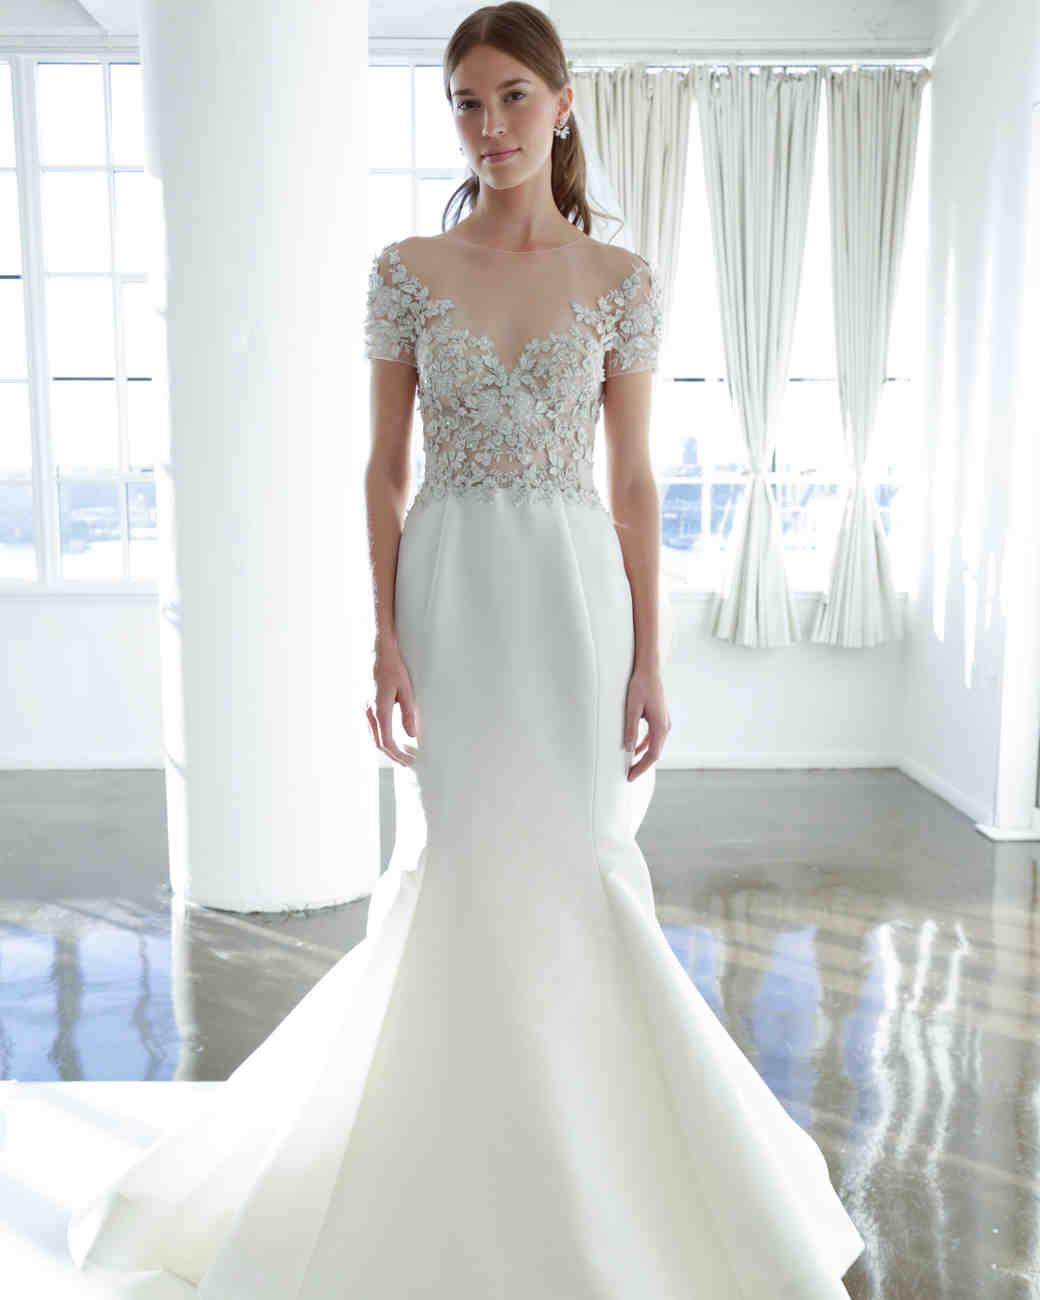 Marchesa wedding dress 4 Fall 2017